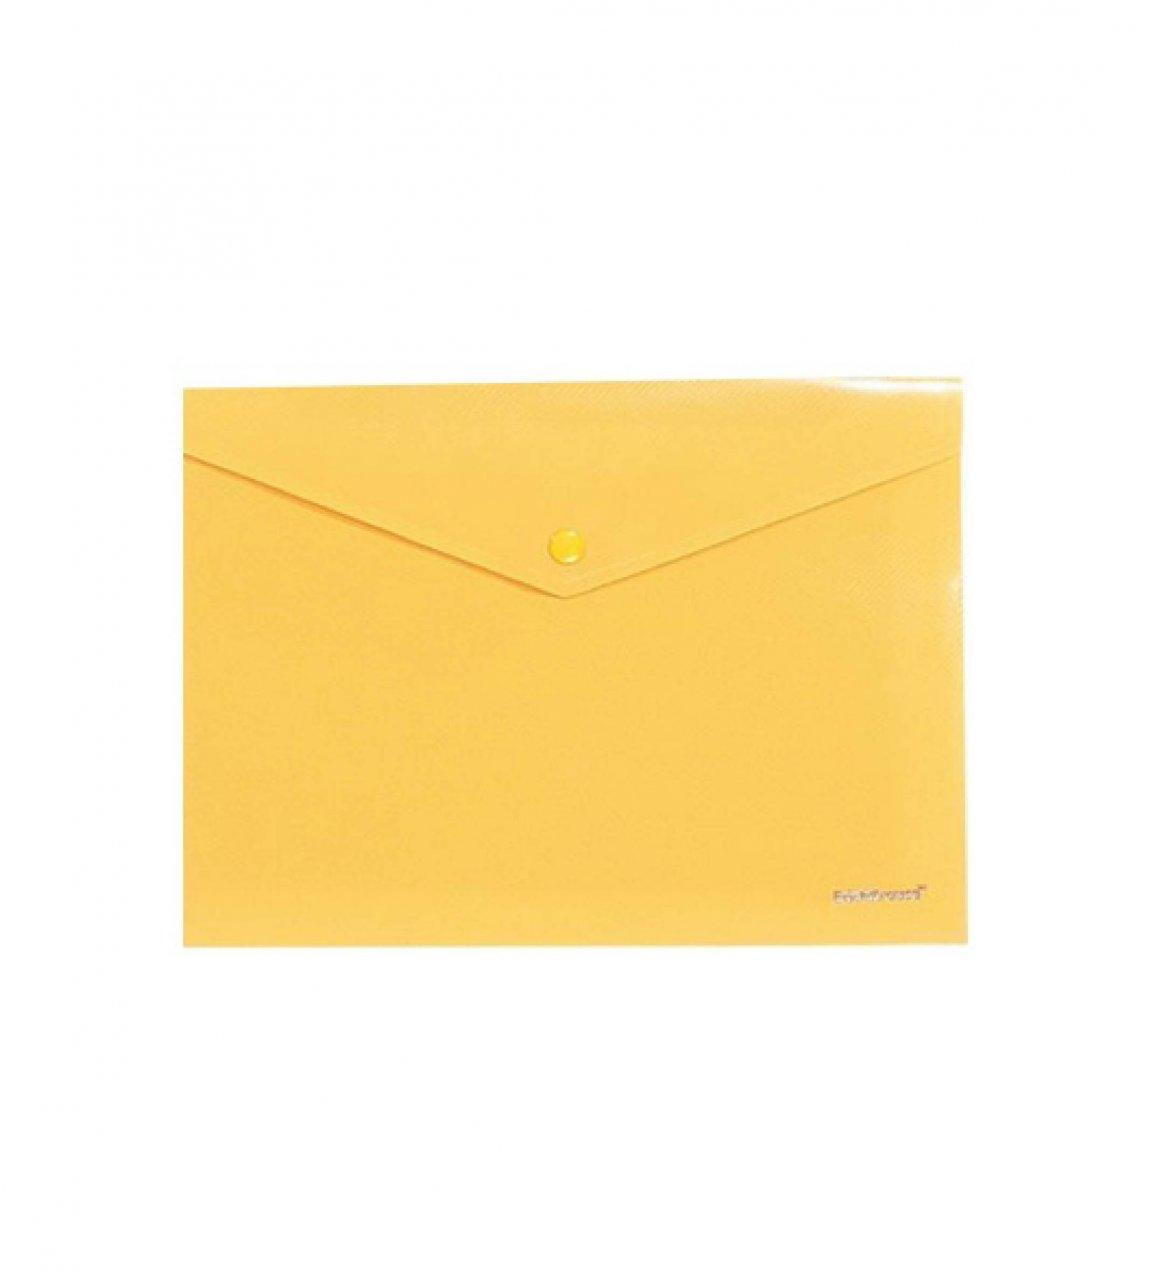 پوشه دکمه دار سایز A4 رنگ زرد